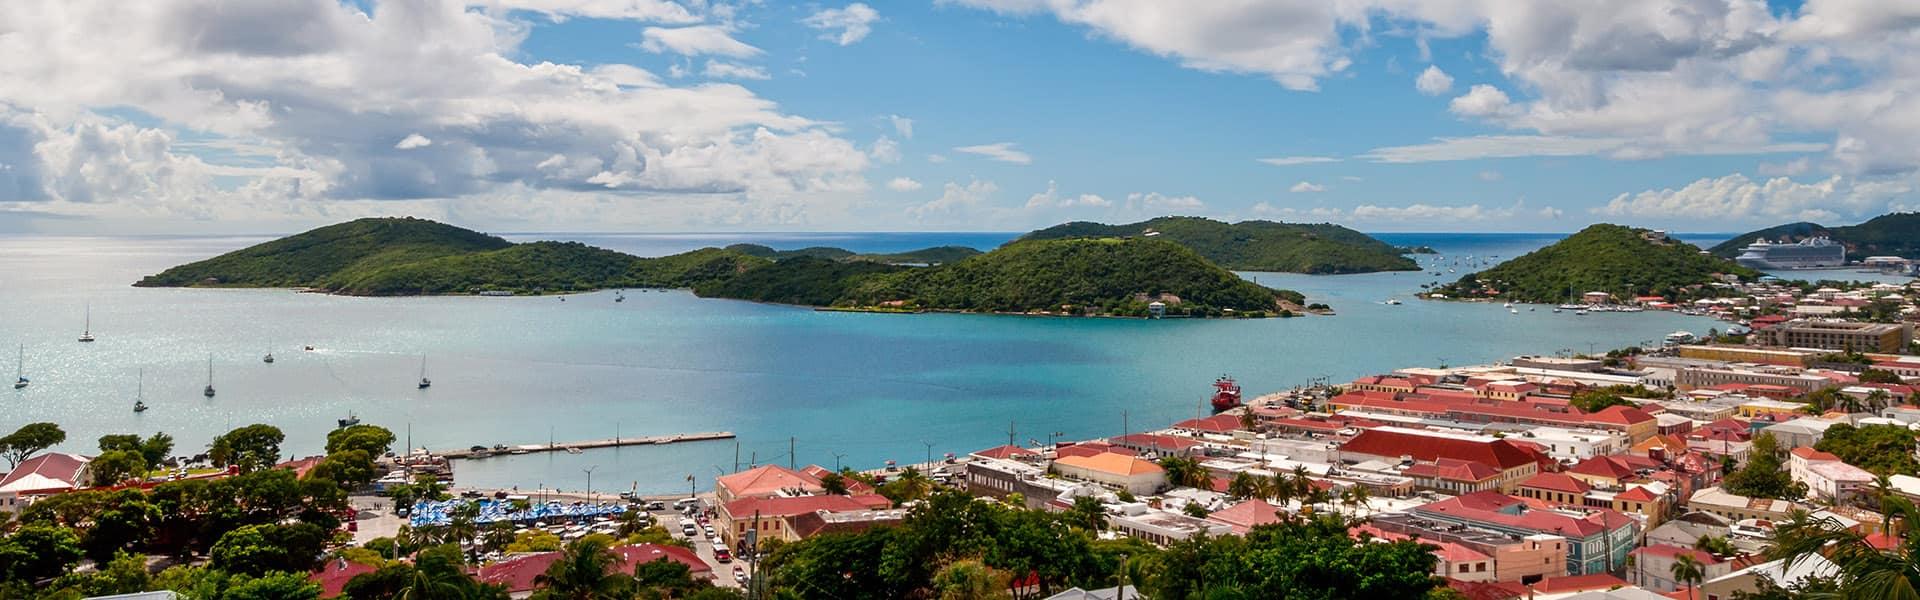 Caribbean: Dominican Republic, Antigua & San Juan